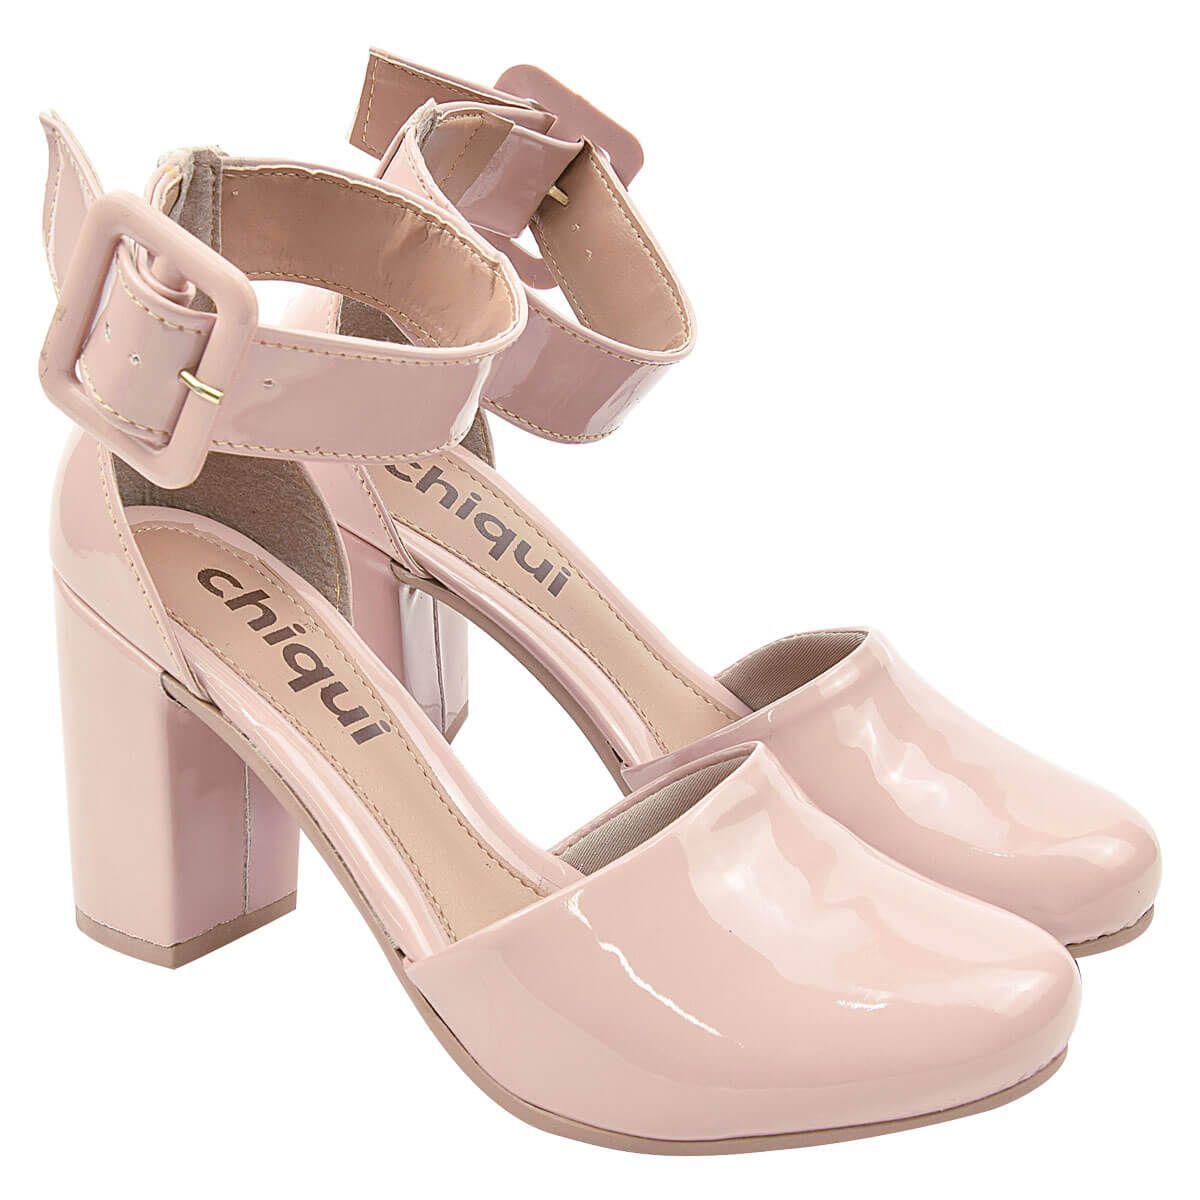 Sapato Scarpin Chiquiteira Salto Grosso Fivela Verniz Candy SP